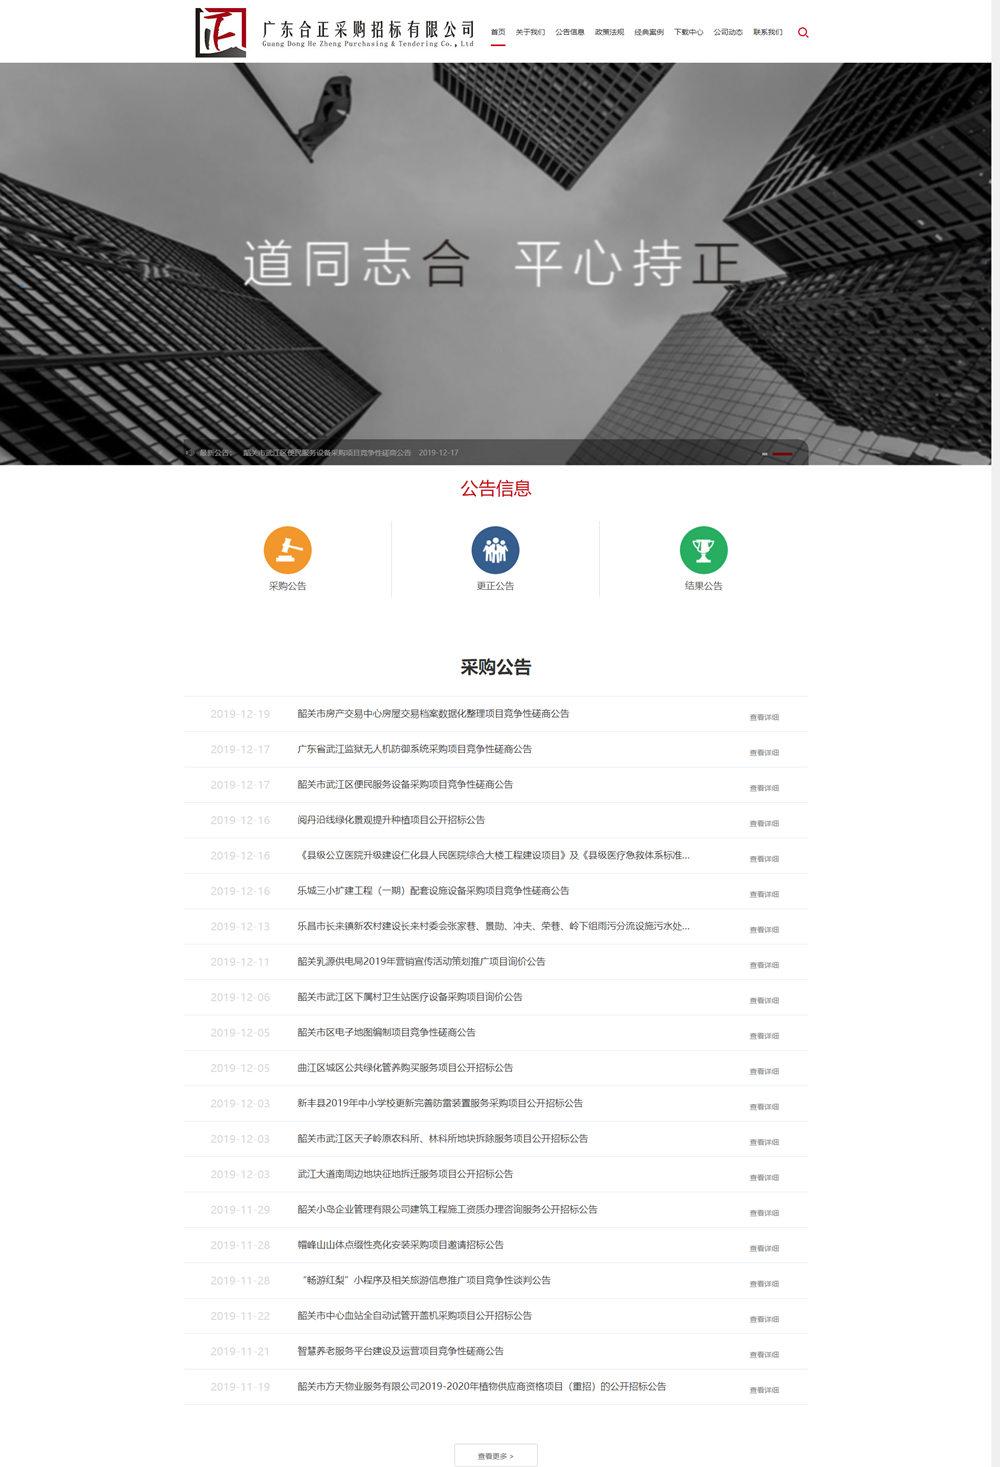 广东合正采购招标有限公司(图1)